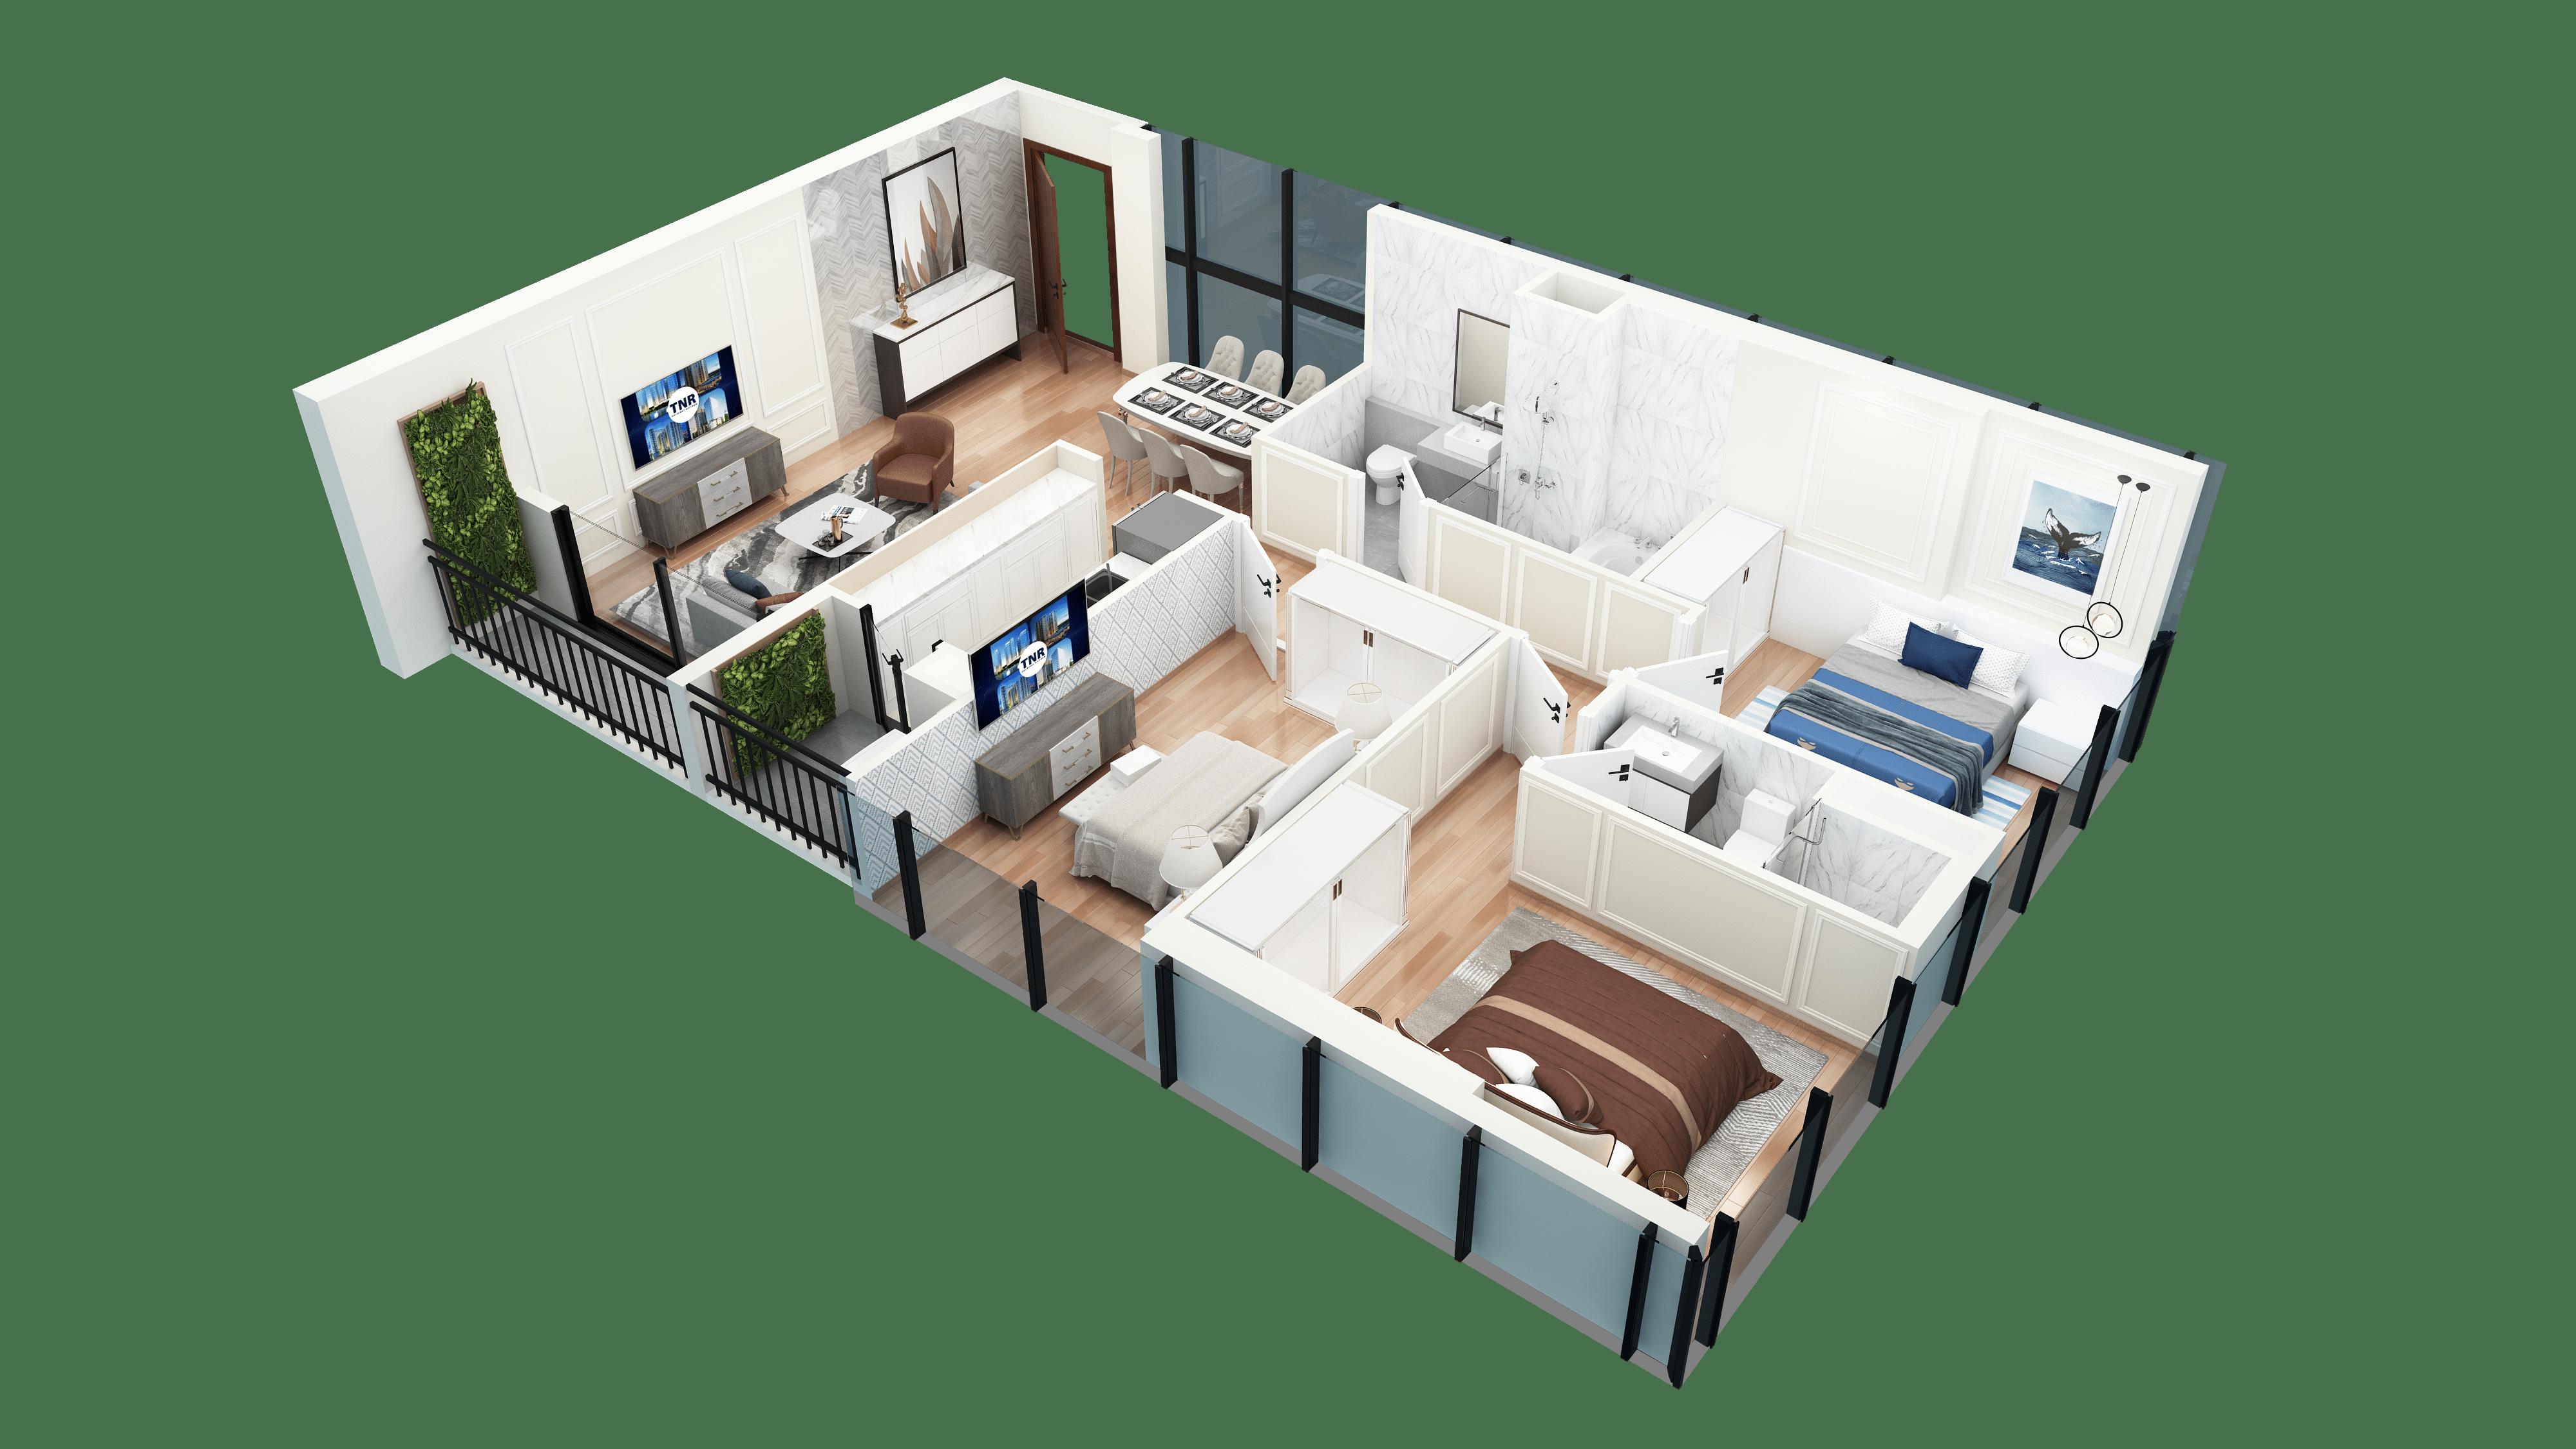 Thiết kế căn hộ 11 chung cư tnr the nosta